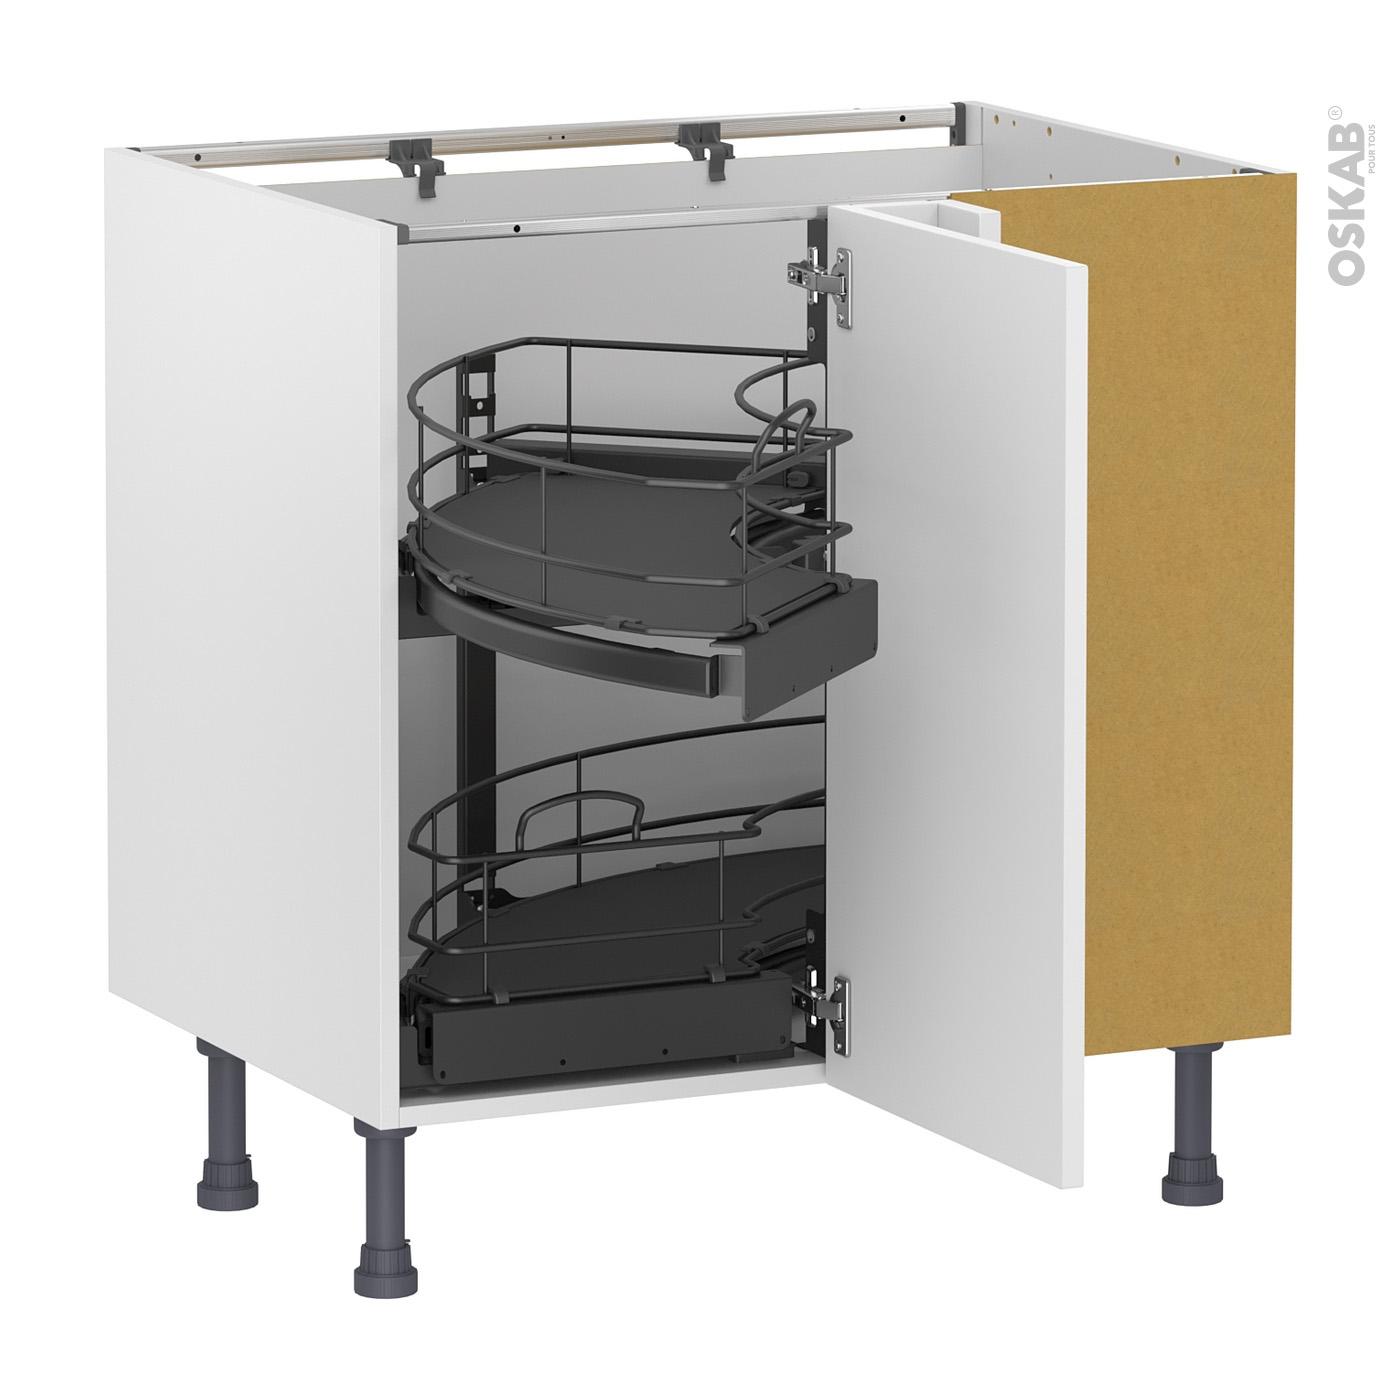 meuble de cuisine angle bas static blanc demi lune coulissant tirant droit 1 porte l40 cm mobile l80 x h70 x p58 cm